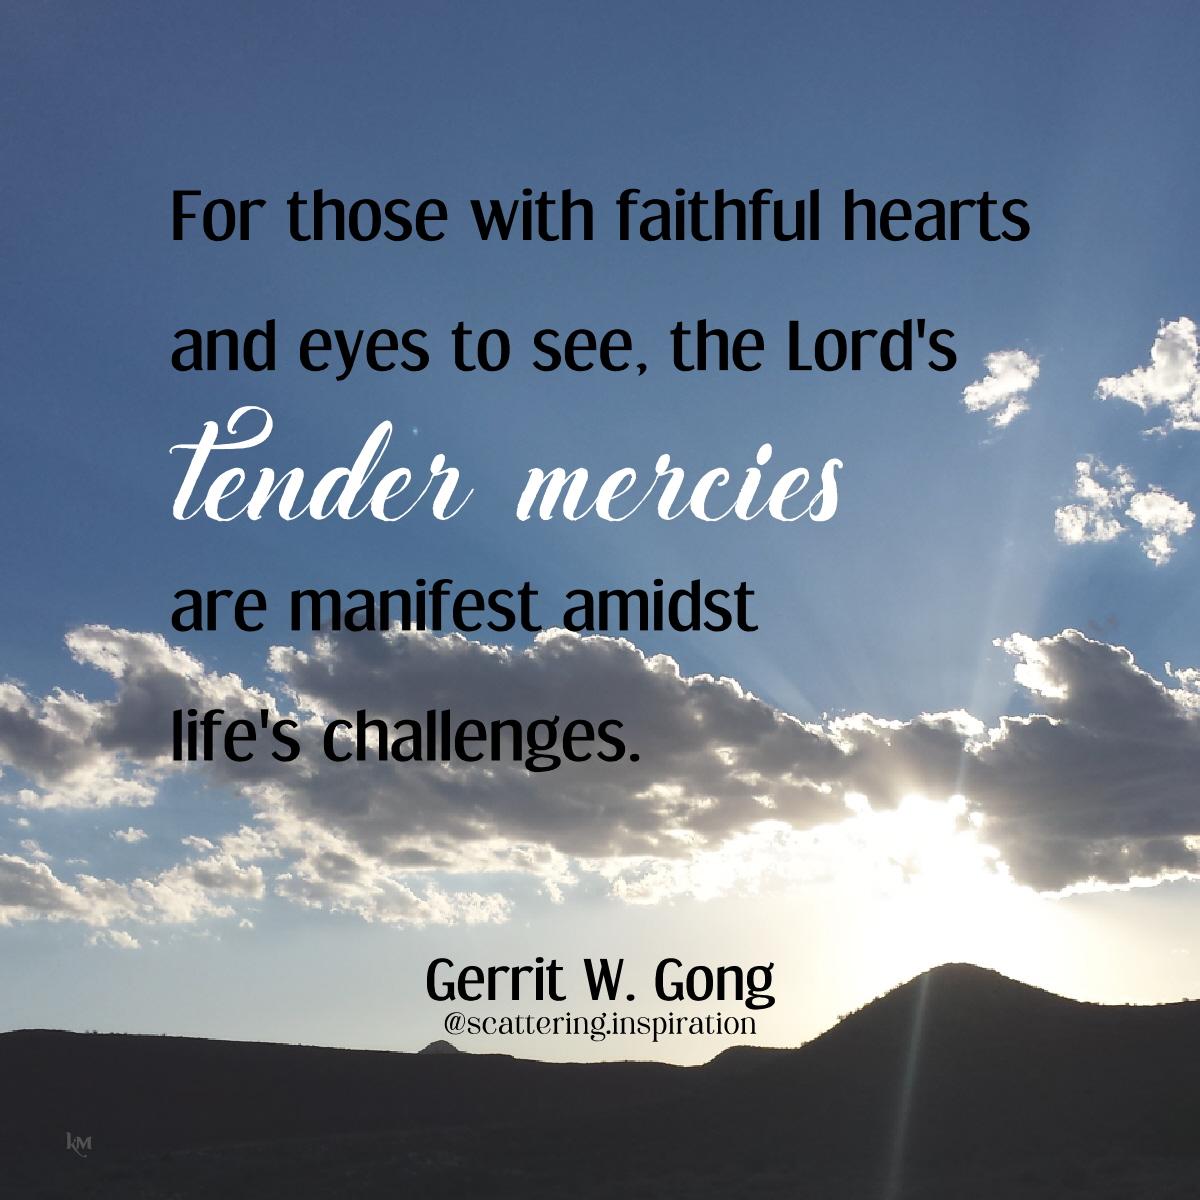 tender mercies manifest